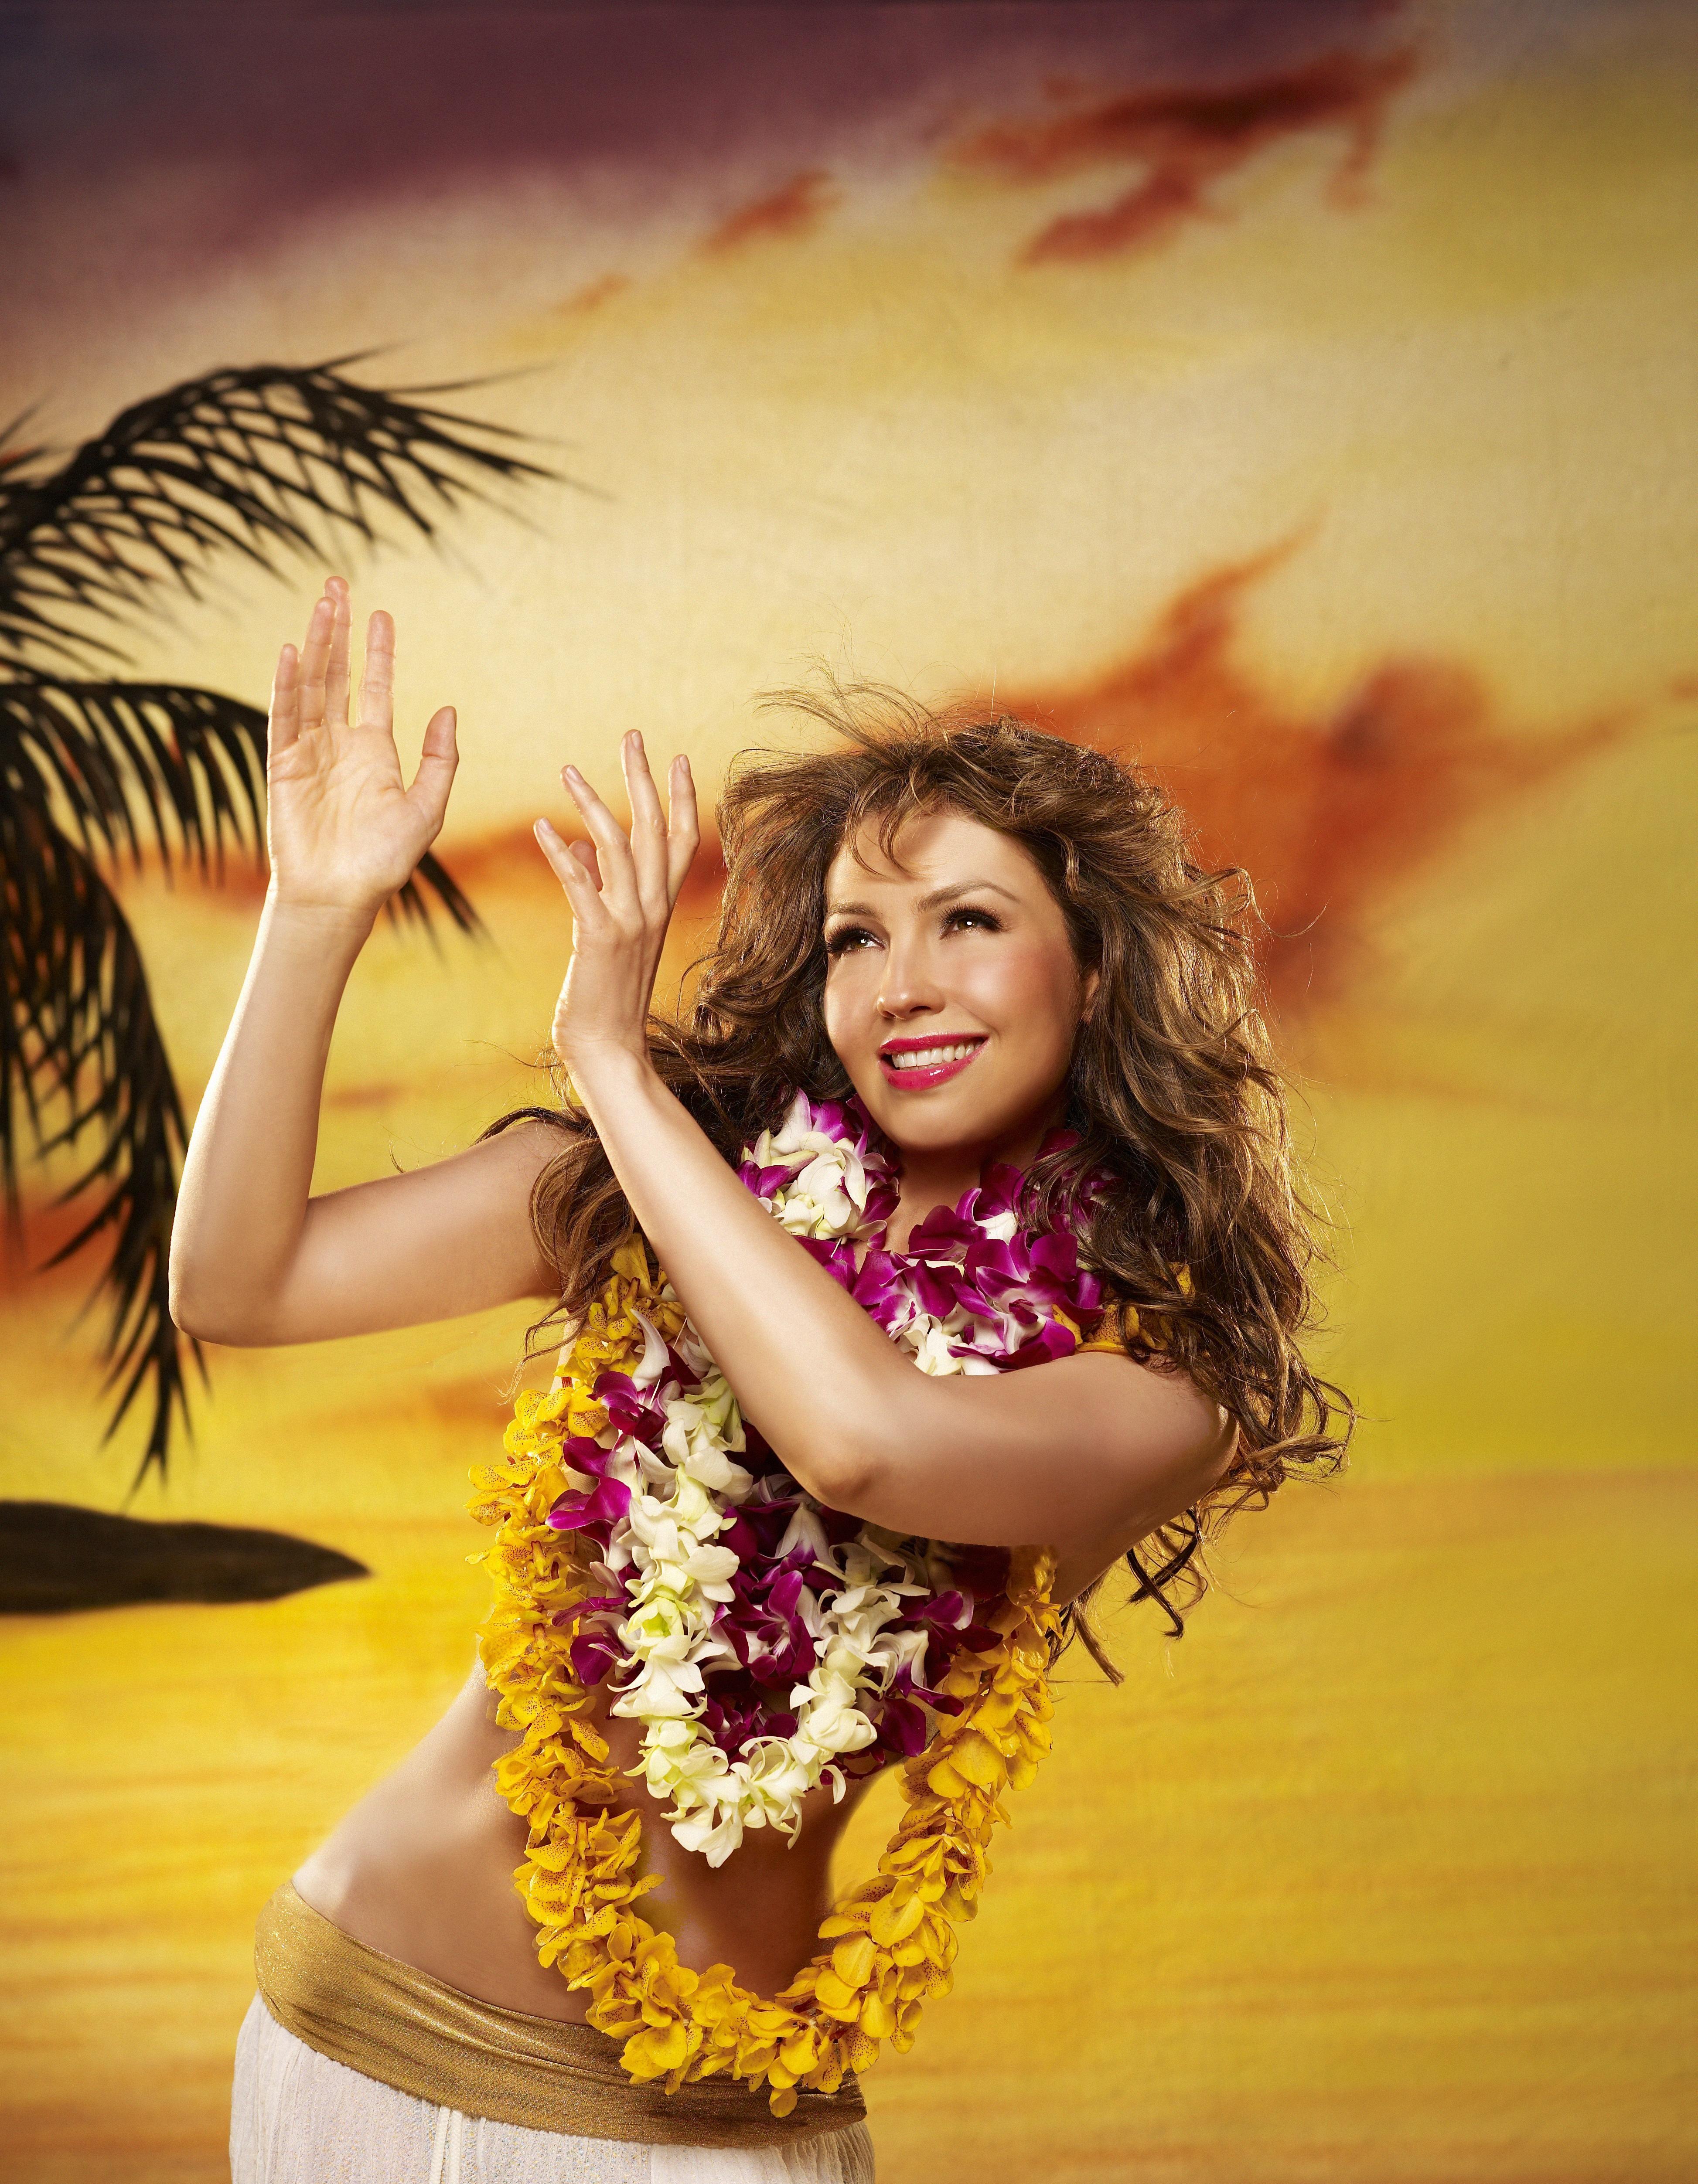 thalia music promos lunada 002